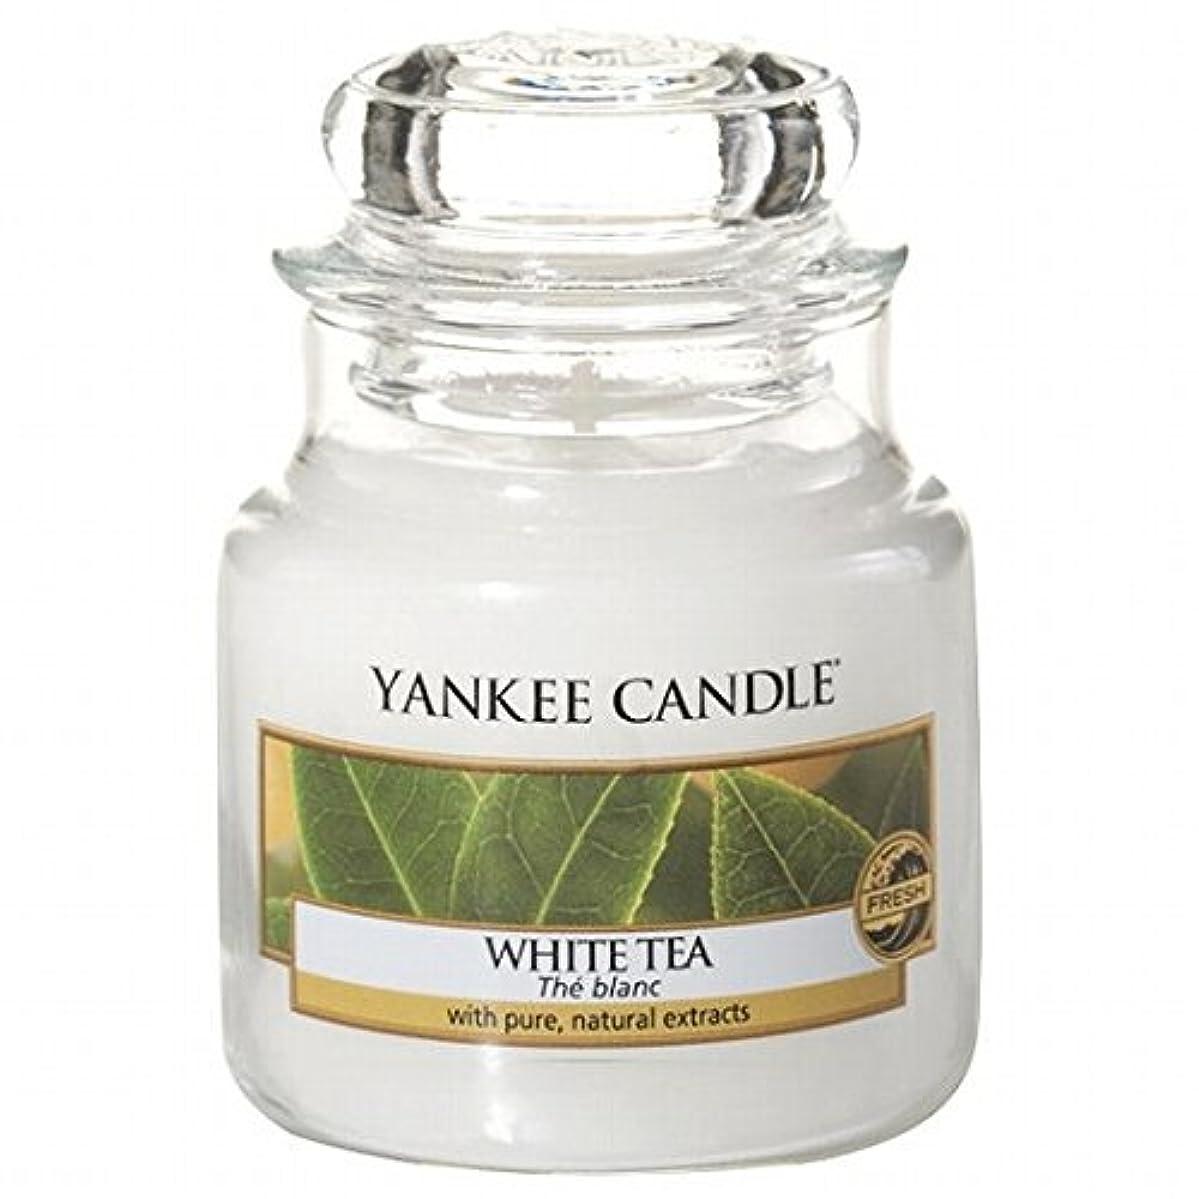 エンジニアリンググラム開業医YANKEE CANDLE(ヤンキーキャンドル) YANKEE CANDLE ジャーS 「ホワイトティー」(K00305277)